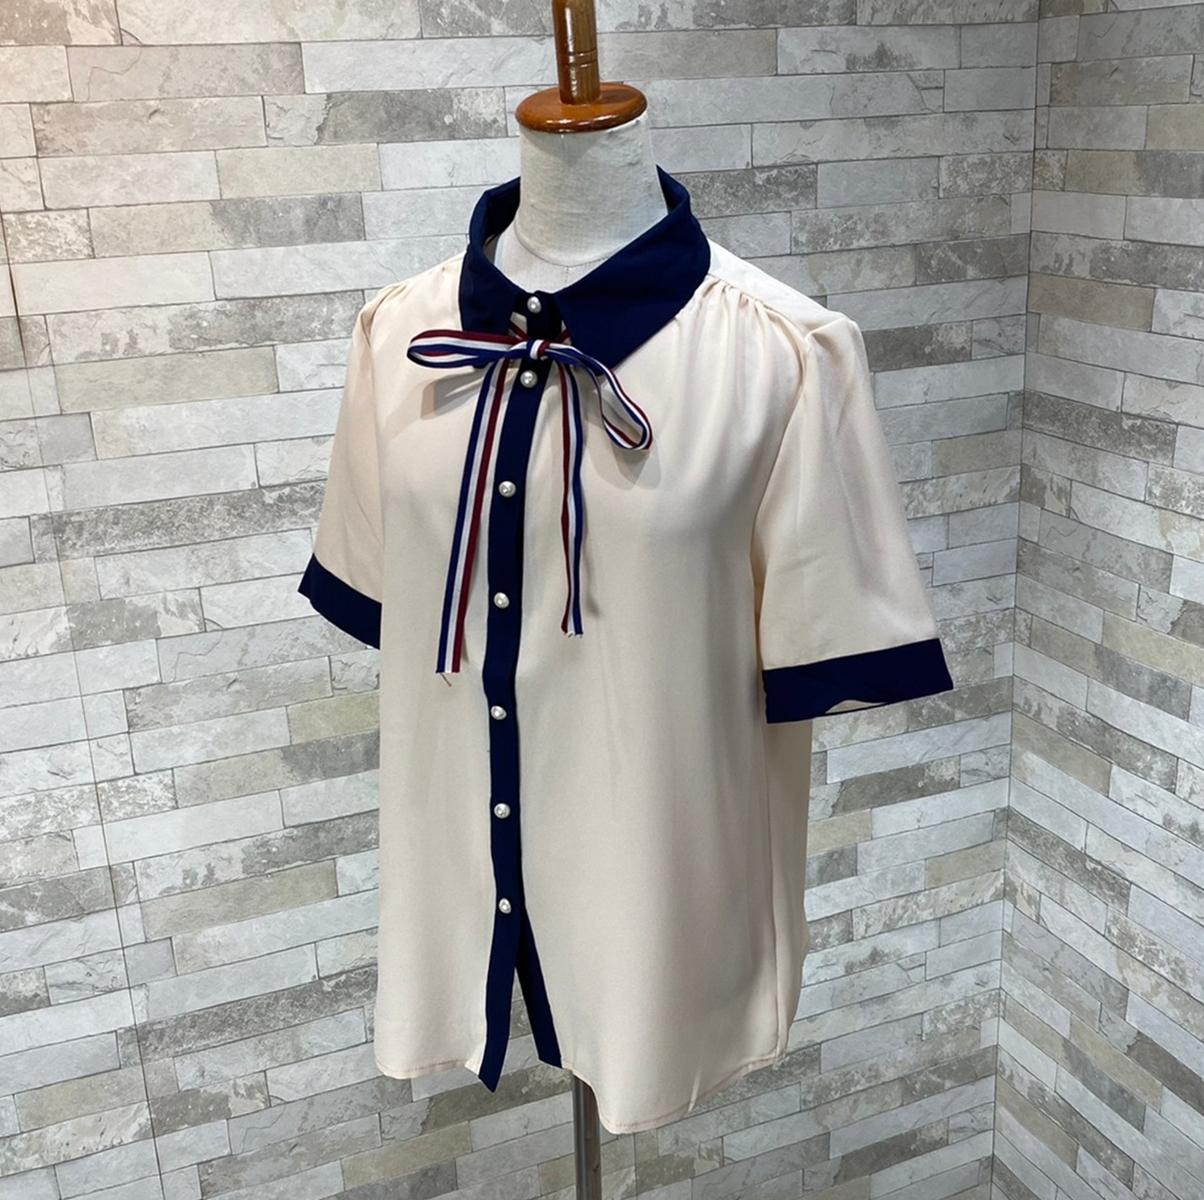 韓国 ファッション トップス ブラウス シャツ 夏 春 カジュアル PTXI735  シアー 襟付き トリコロール プレッピー オルチャン シンプル 定番 セレカジの写真5枚目